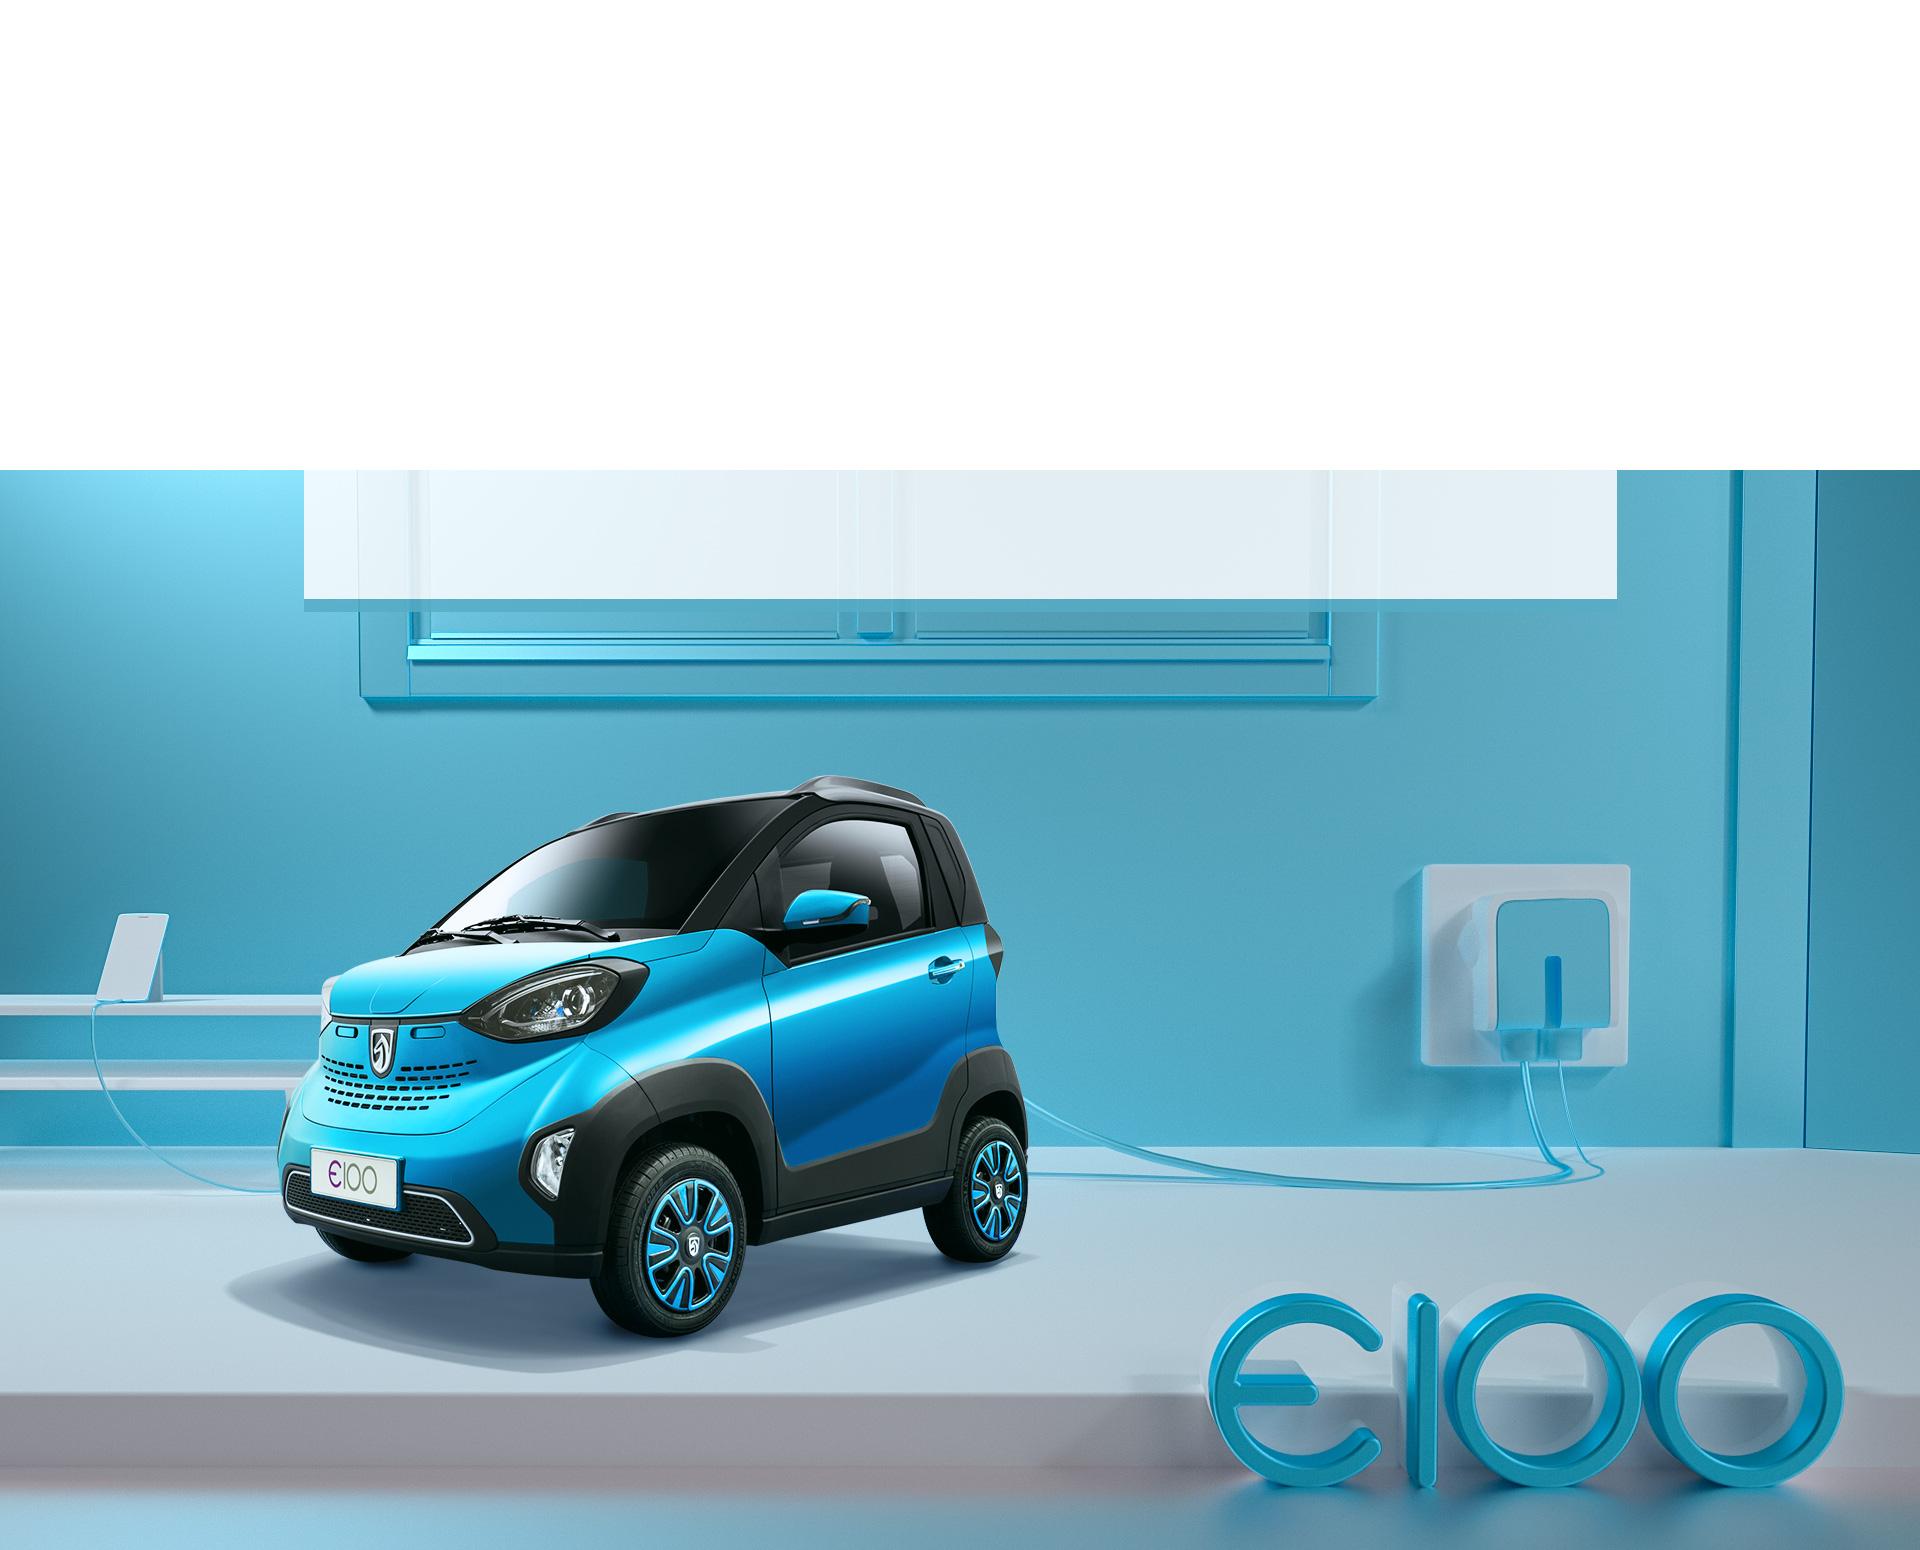 寶駿E100,電(dian)動汽車,新能源車,車身,充電(dian),節能,圖(tu)片